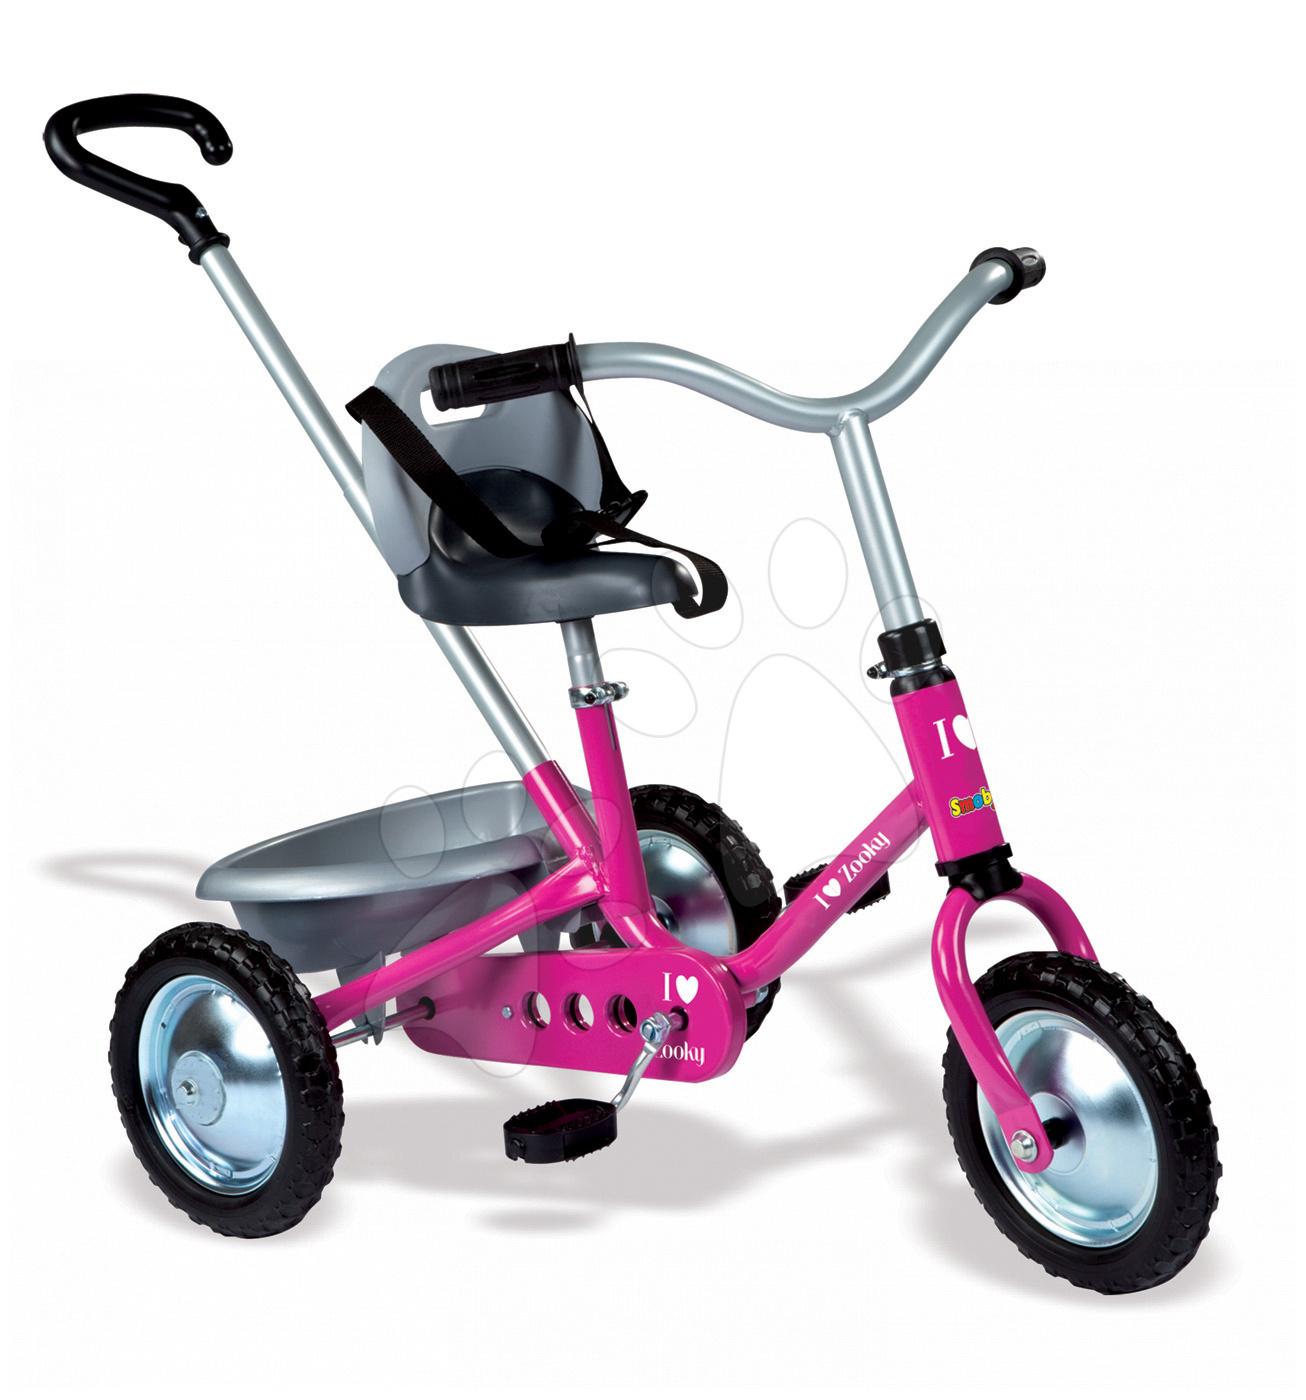 Řetězová tříkolka Zooky Classic Girl Smoby světle růžová od 16 měsíců